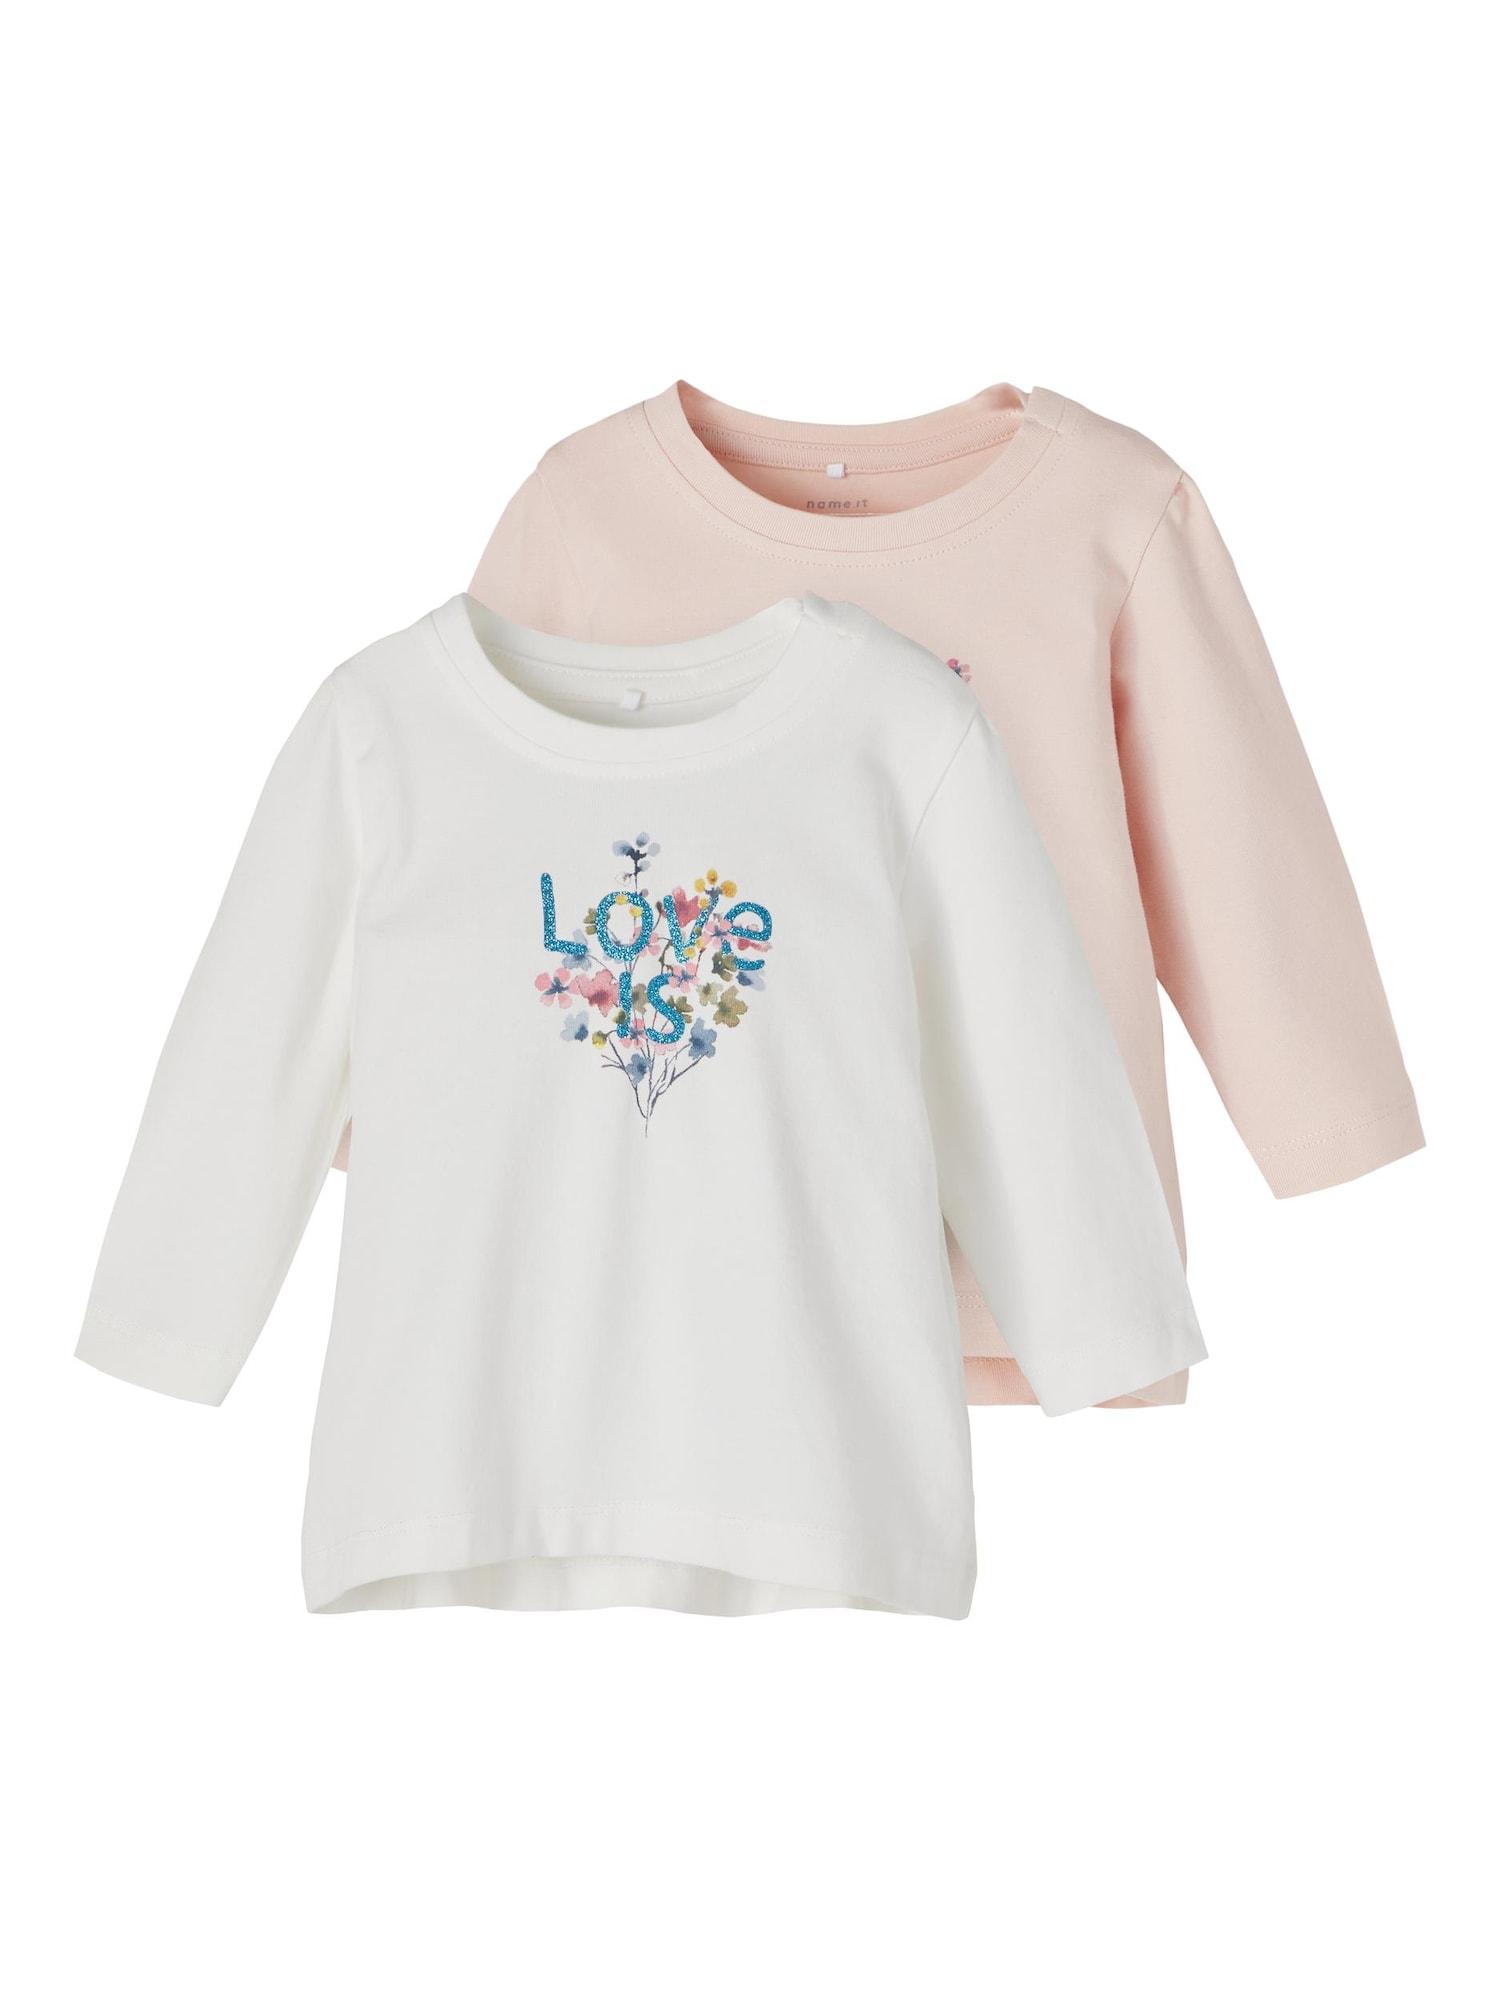 NAME IT Marškinėliai 'Tora' natūrali balta / pudros spalva / mišrios spalvos / mėlyna